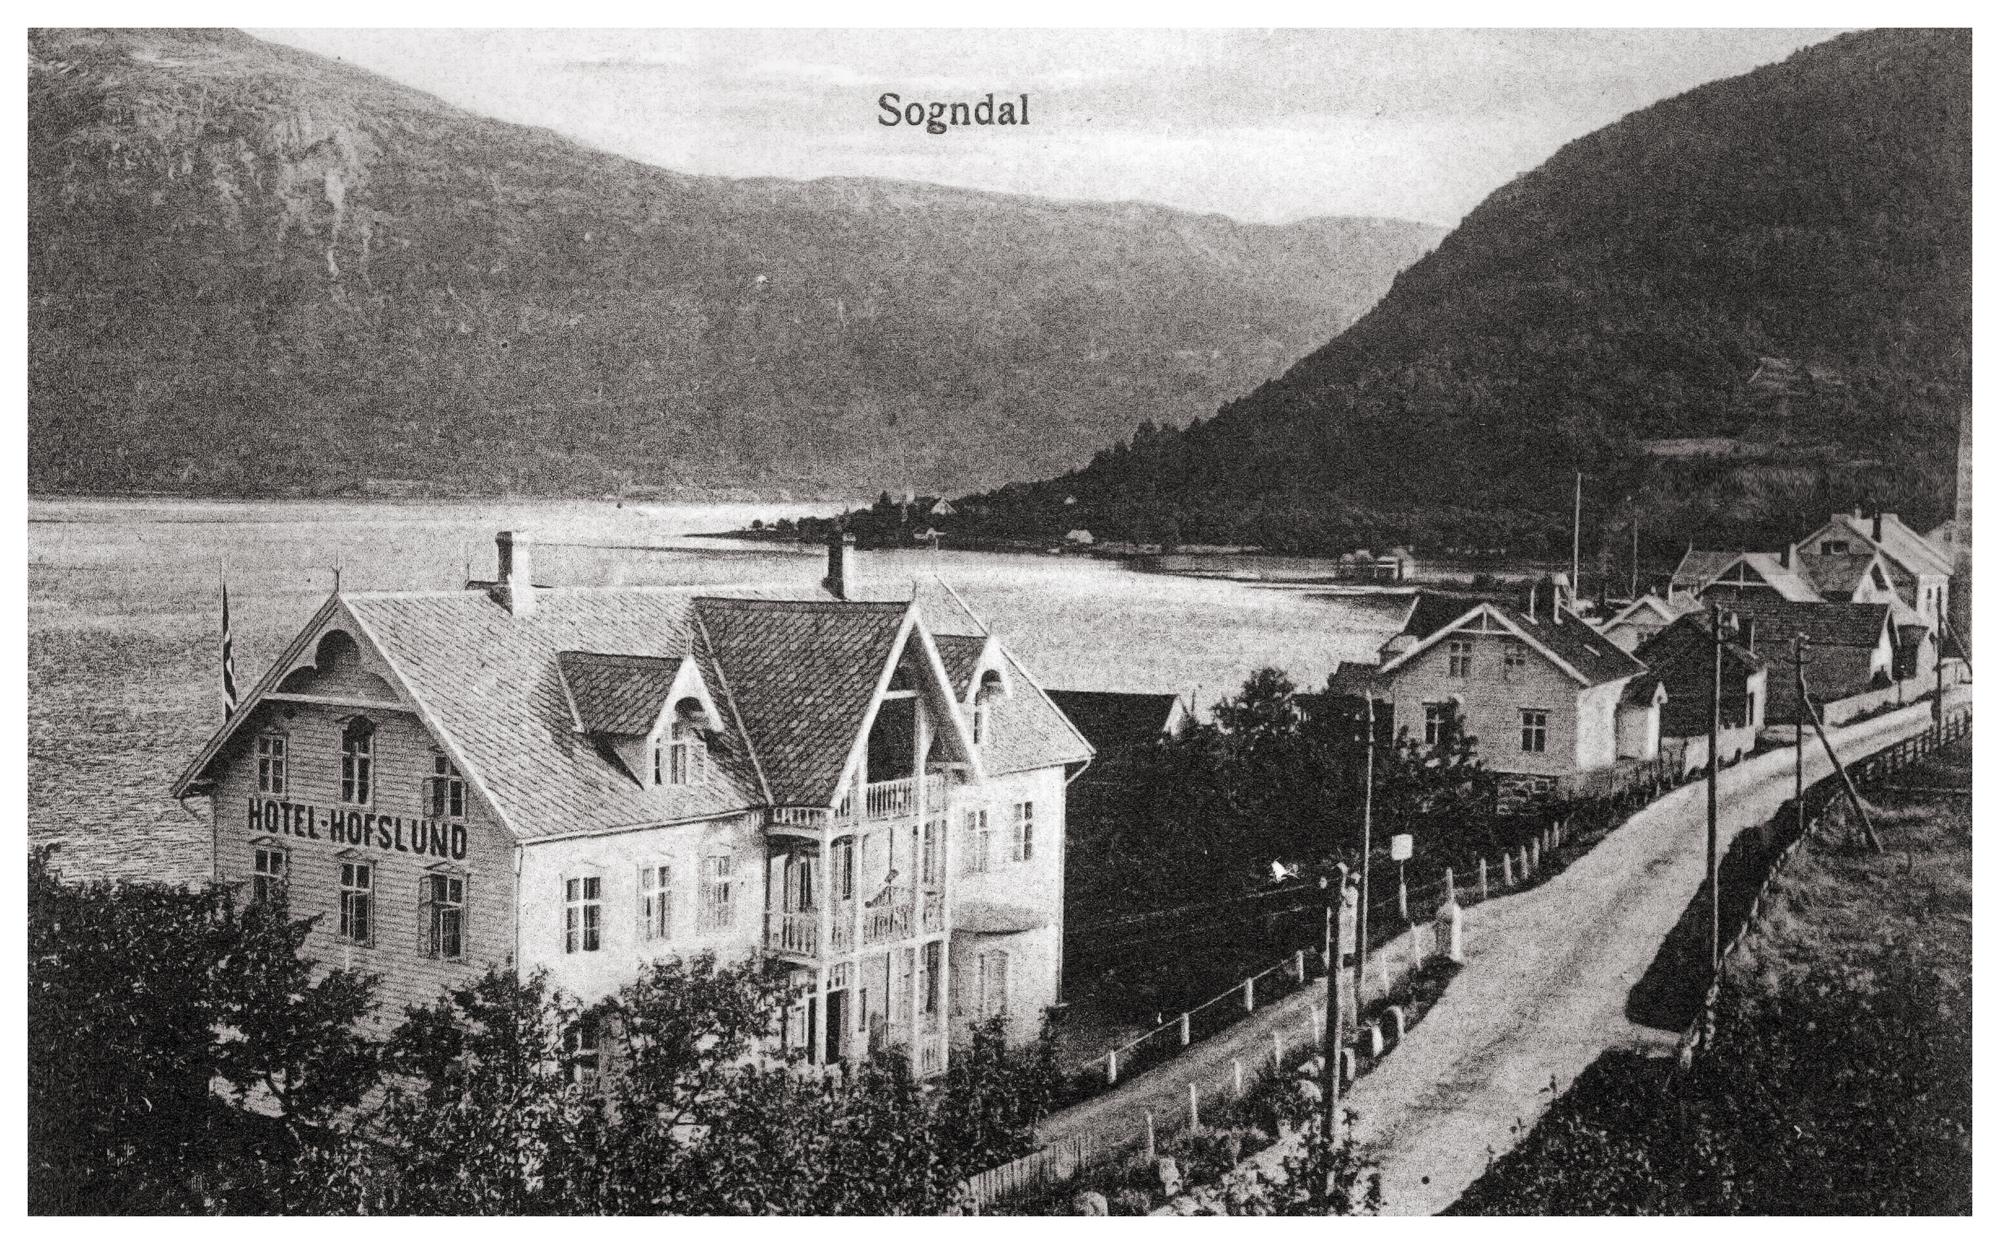 hofslund hotel historie1.jpg